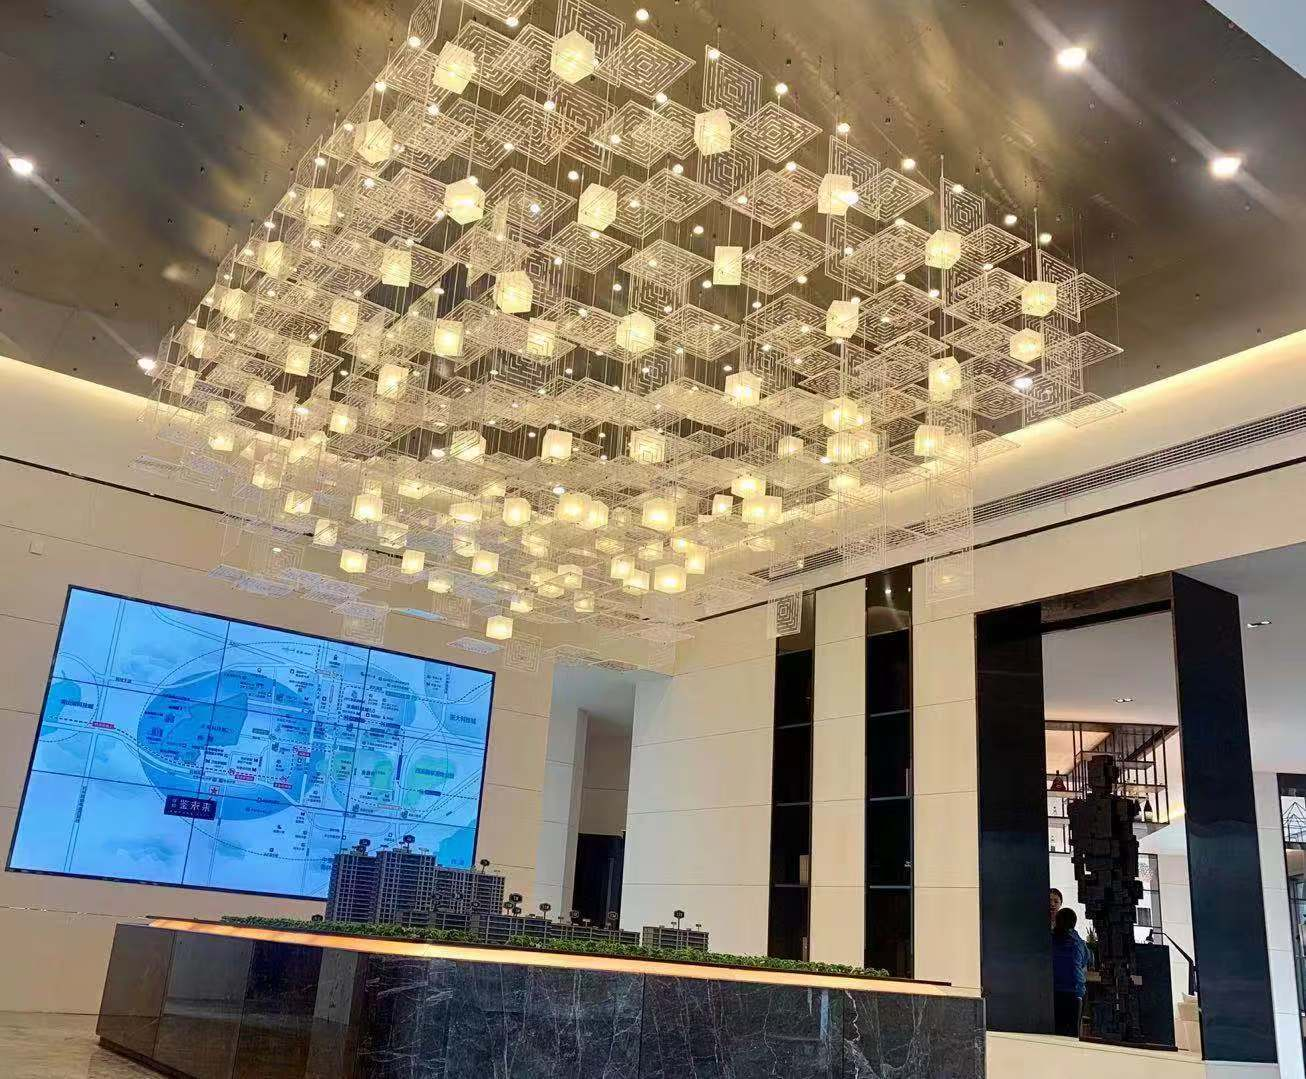 酒楼中利用大型灯具带来高端档次